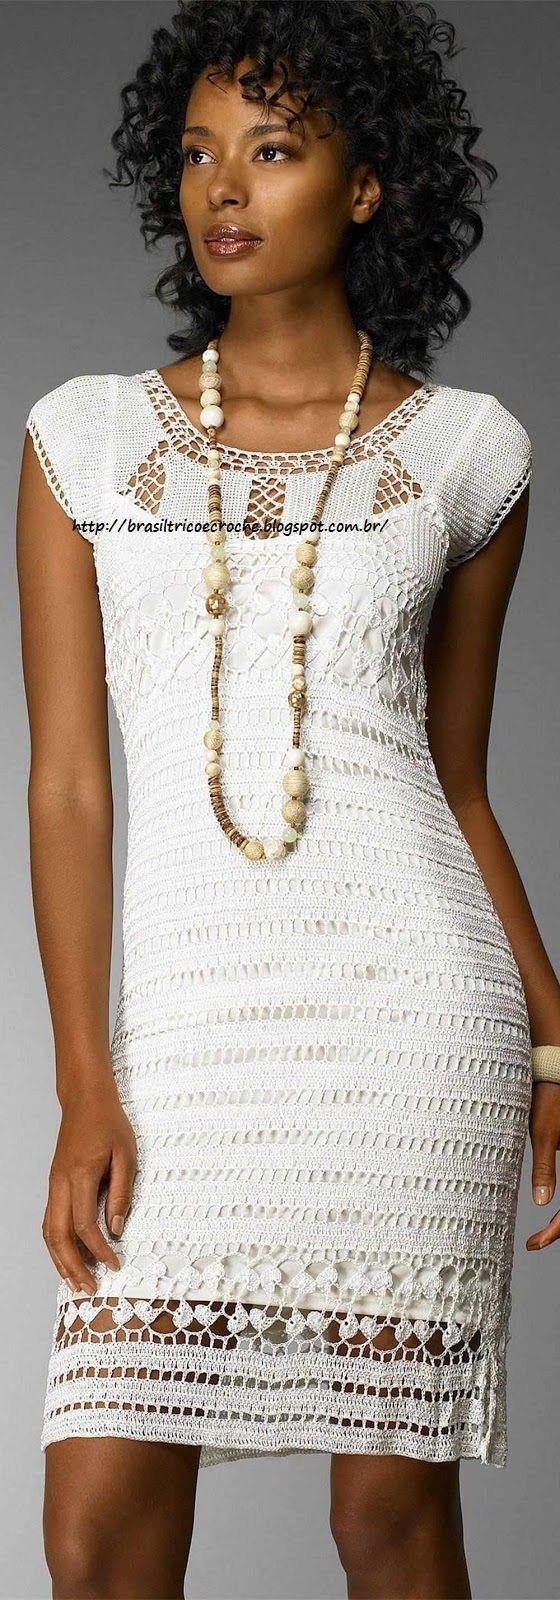 Вязание крючком фото модное 20